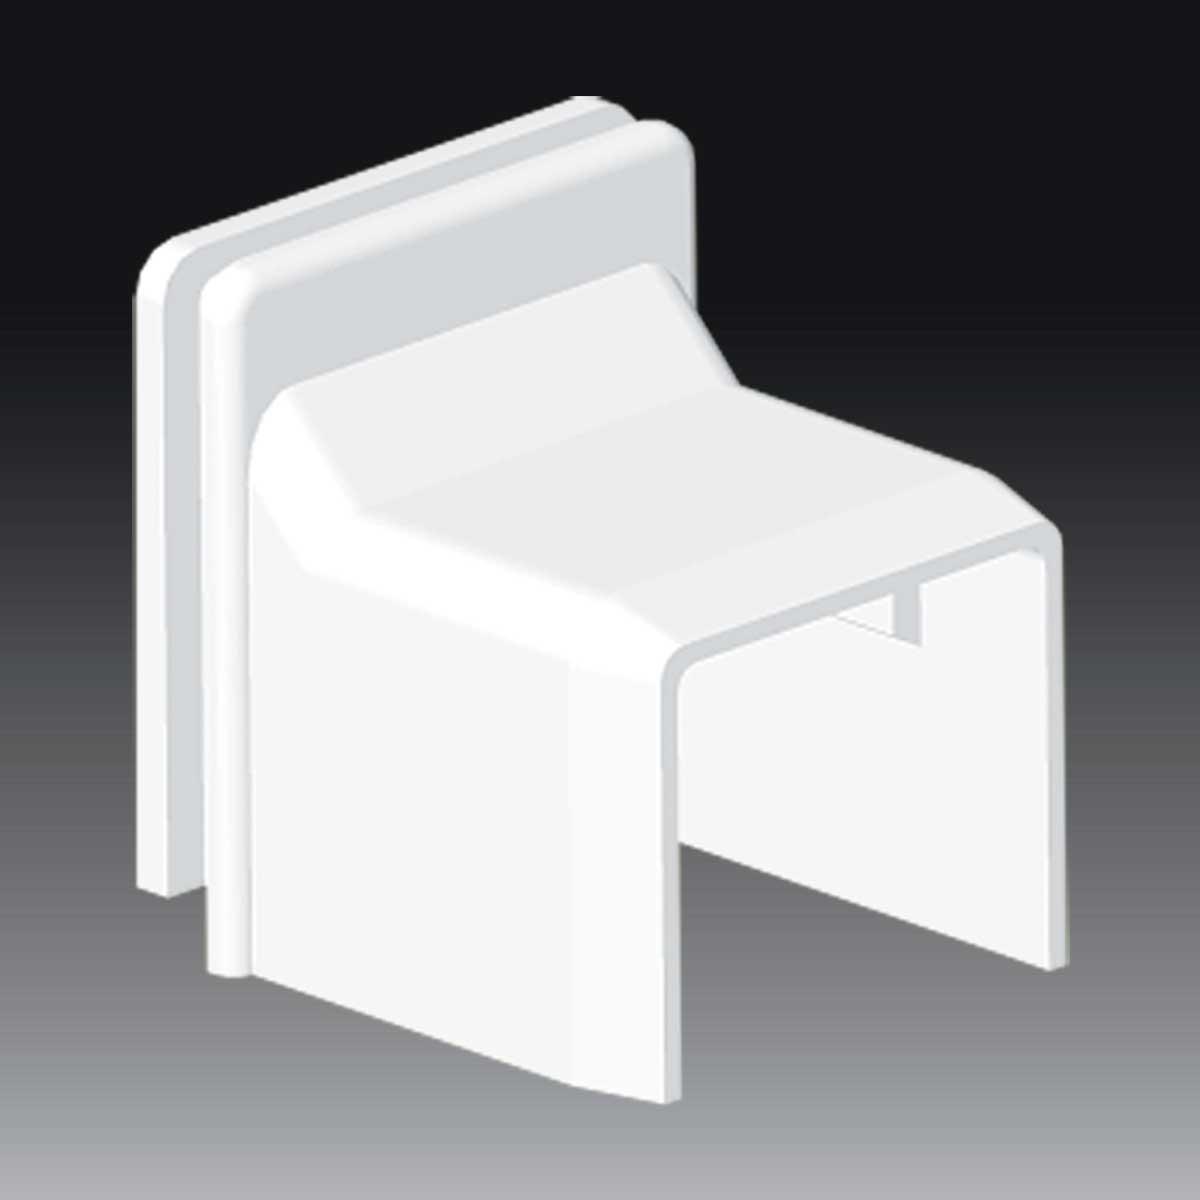 З'єднувач перехідний для коробки LK 80x28 білого кольору; Серія LHD; ПВХ